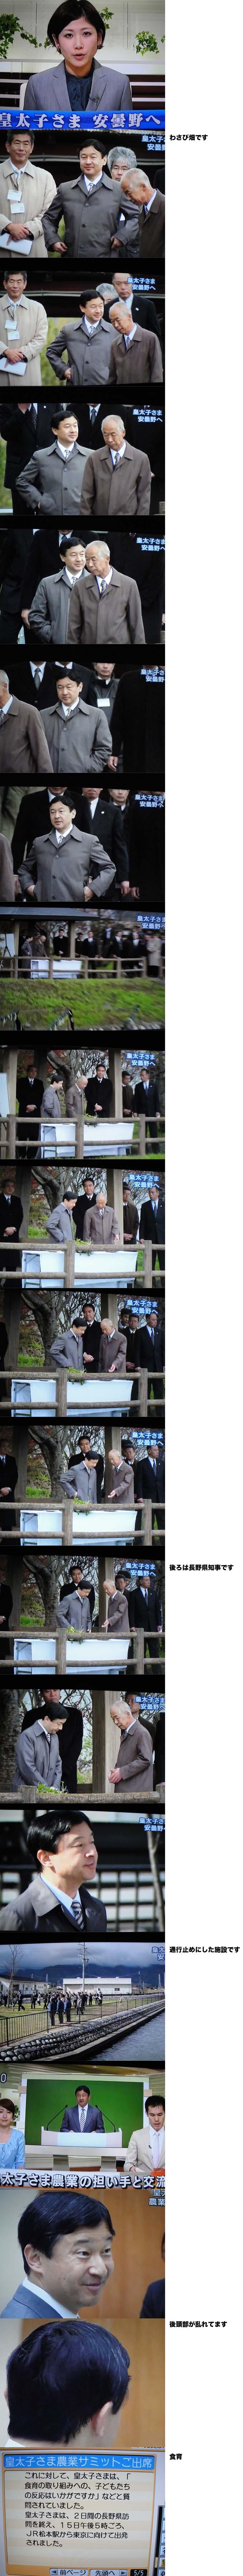 【お祝い】新天皇の即位を祝う一般参賀を5月4日に実施へ。宮内庁